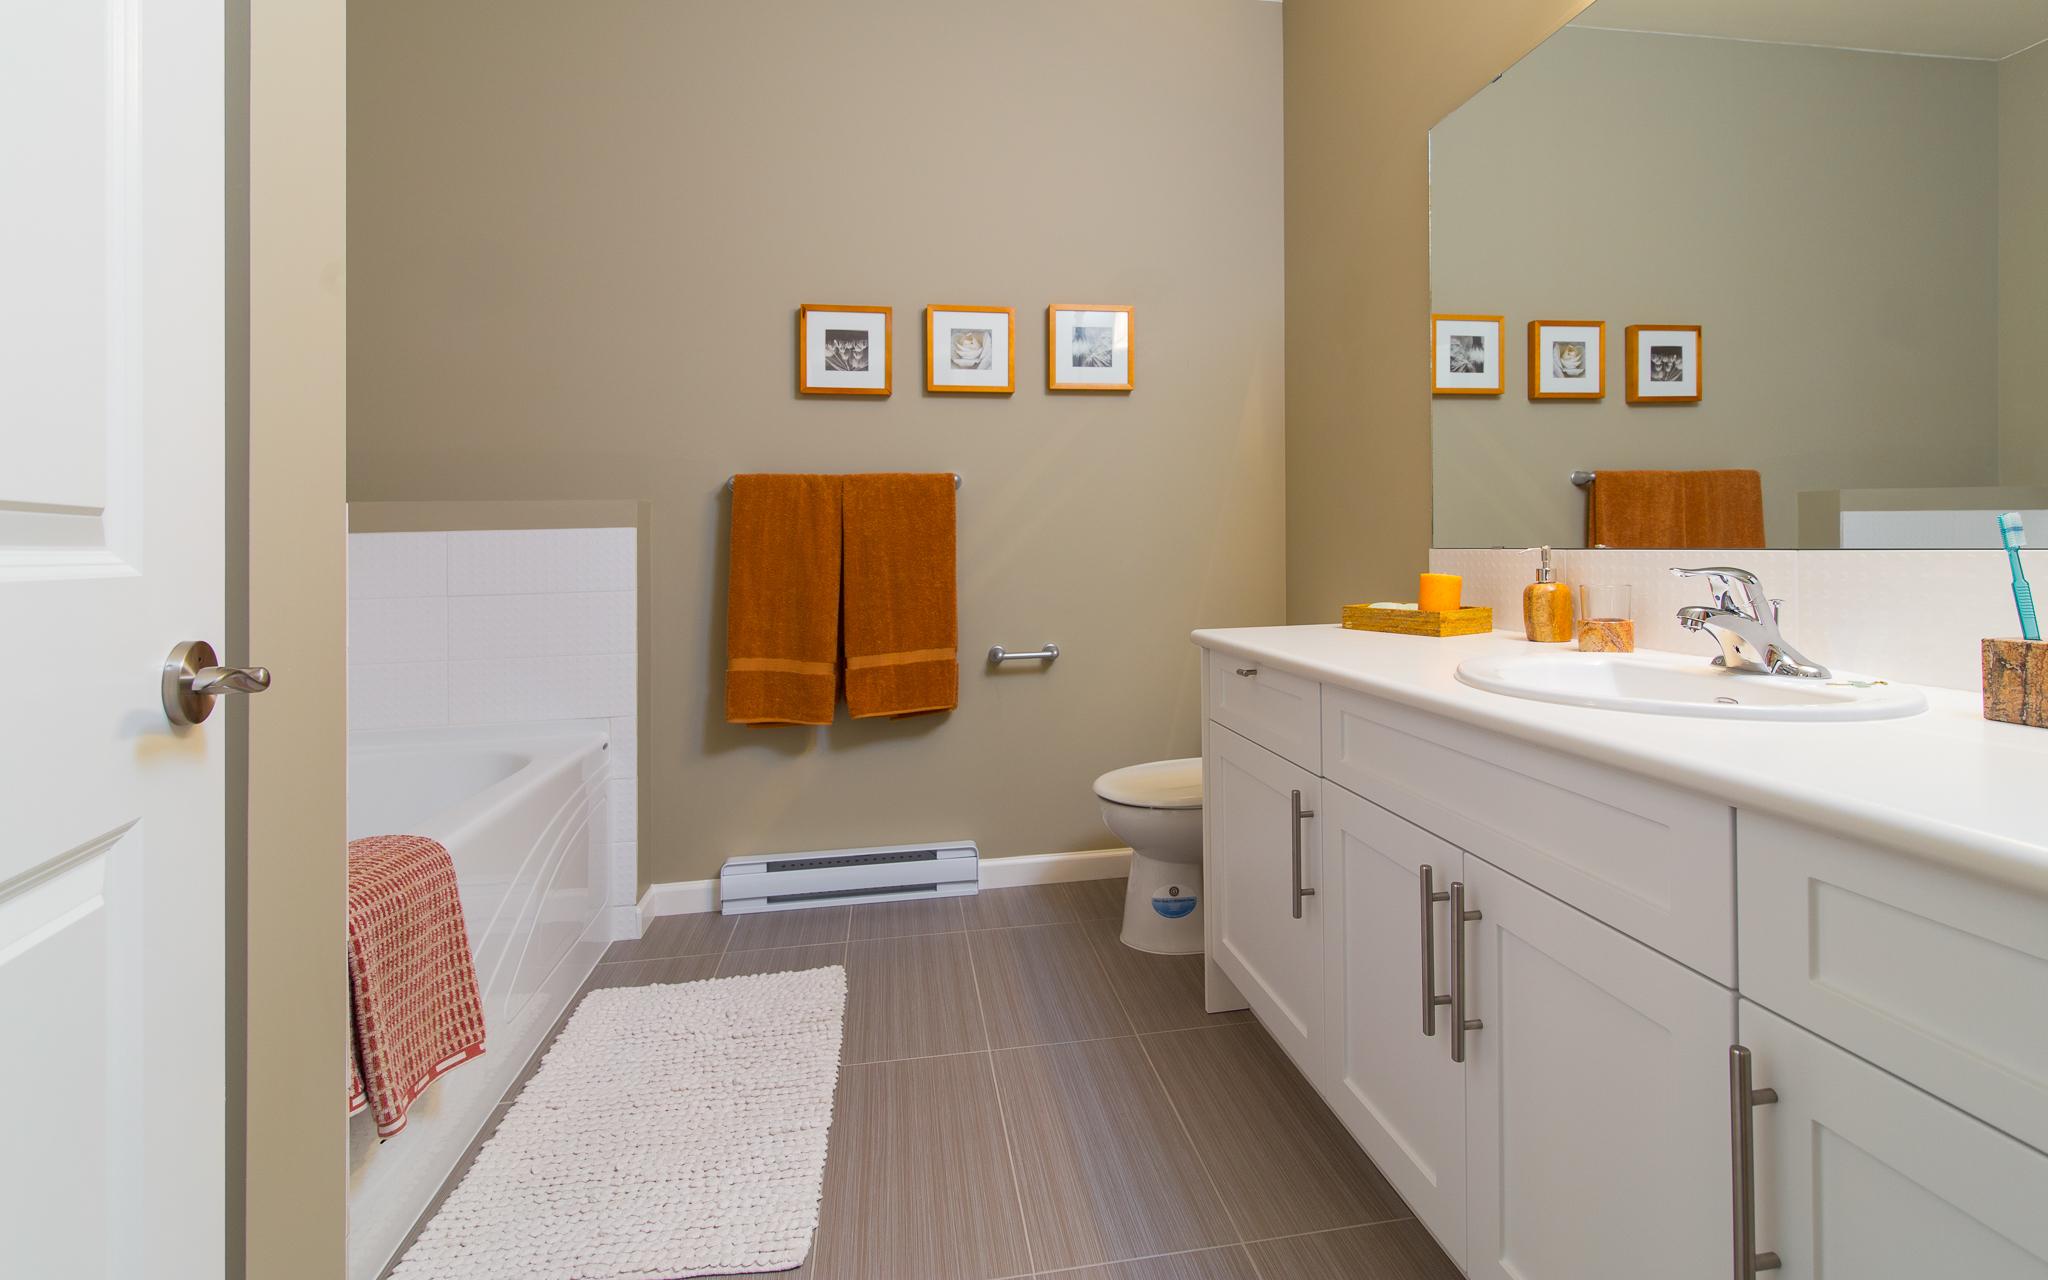 Acorn bathroom furniture -  Acorn 15